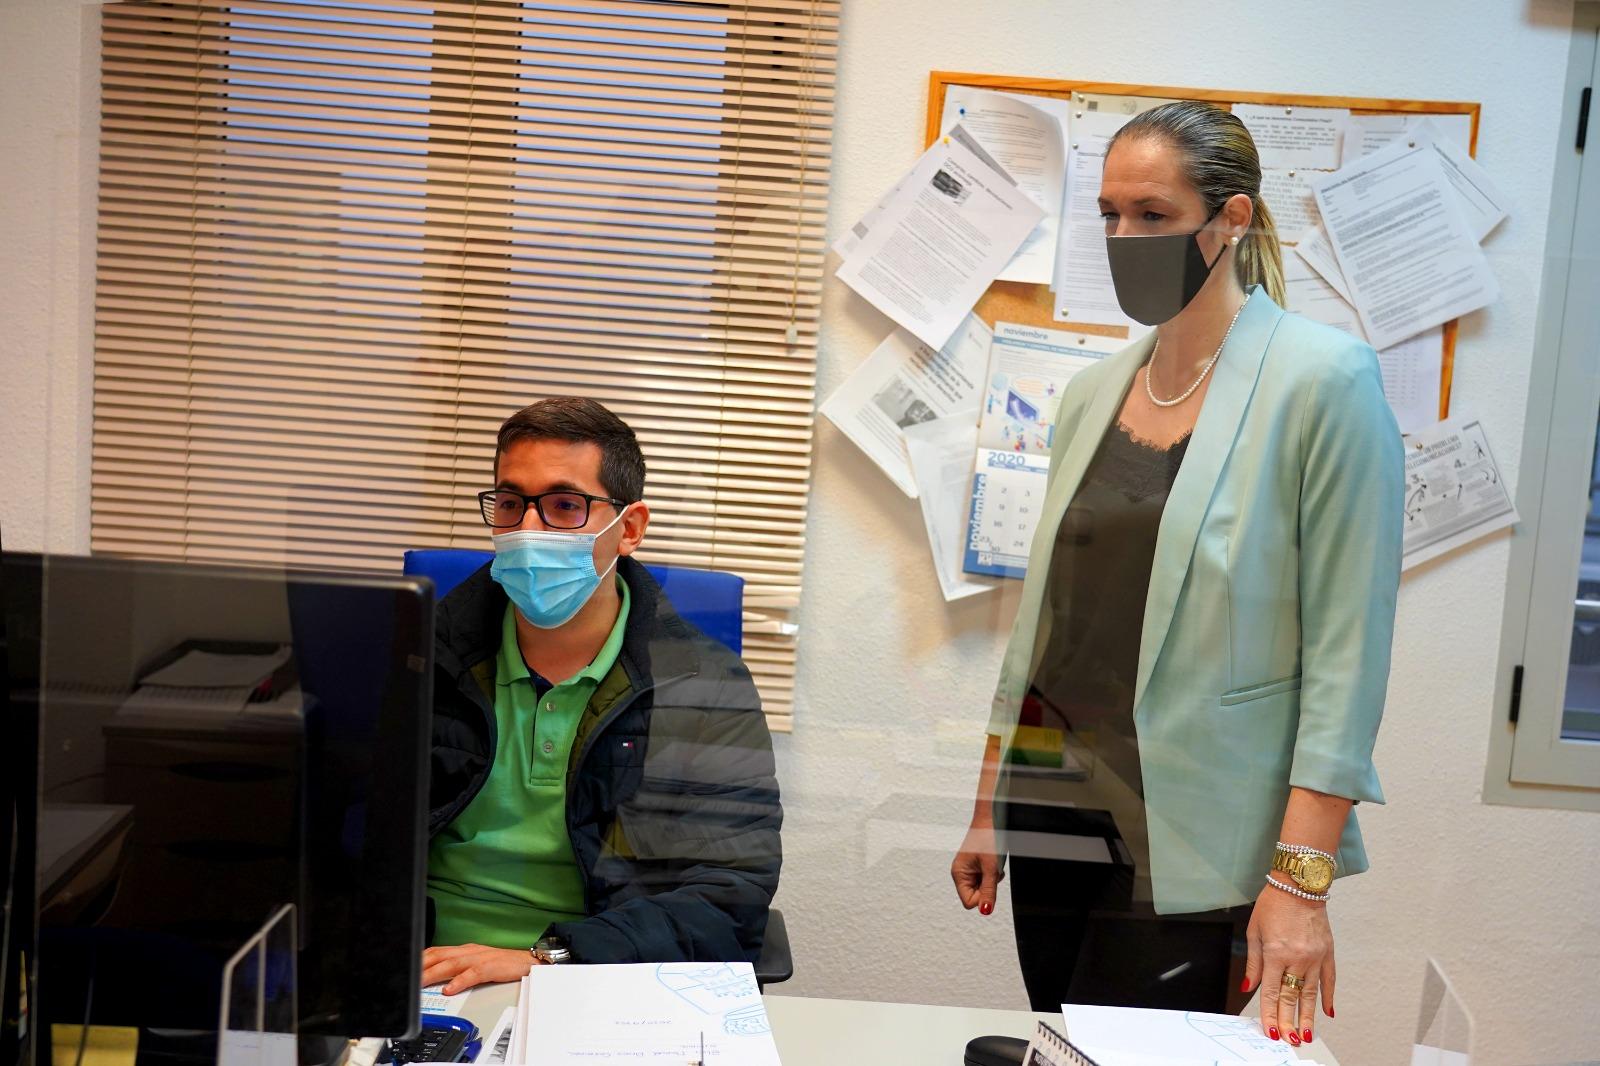 campaña sobre compras online seguras en Roquetas